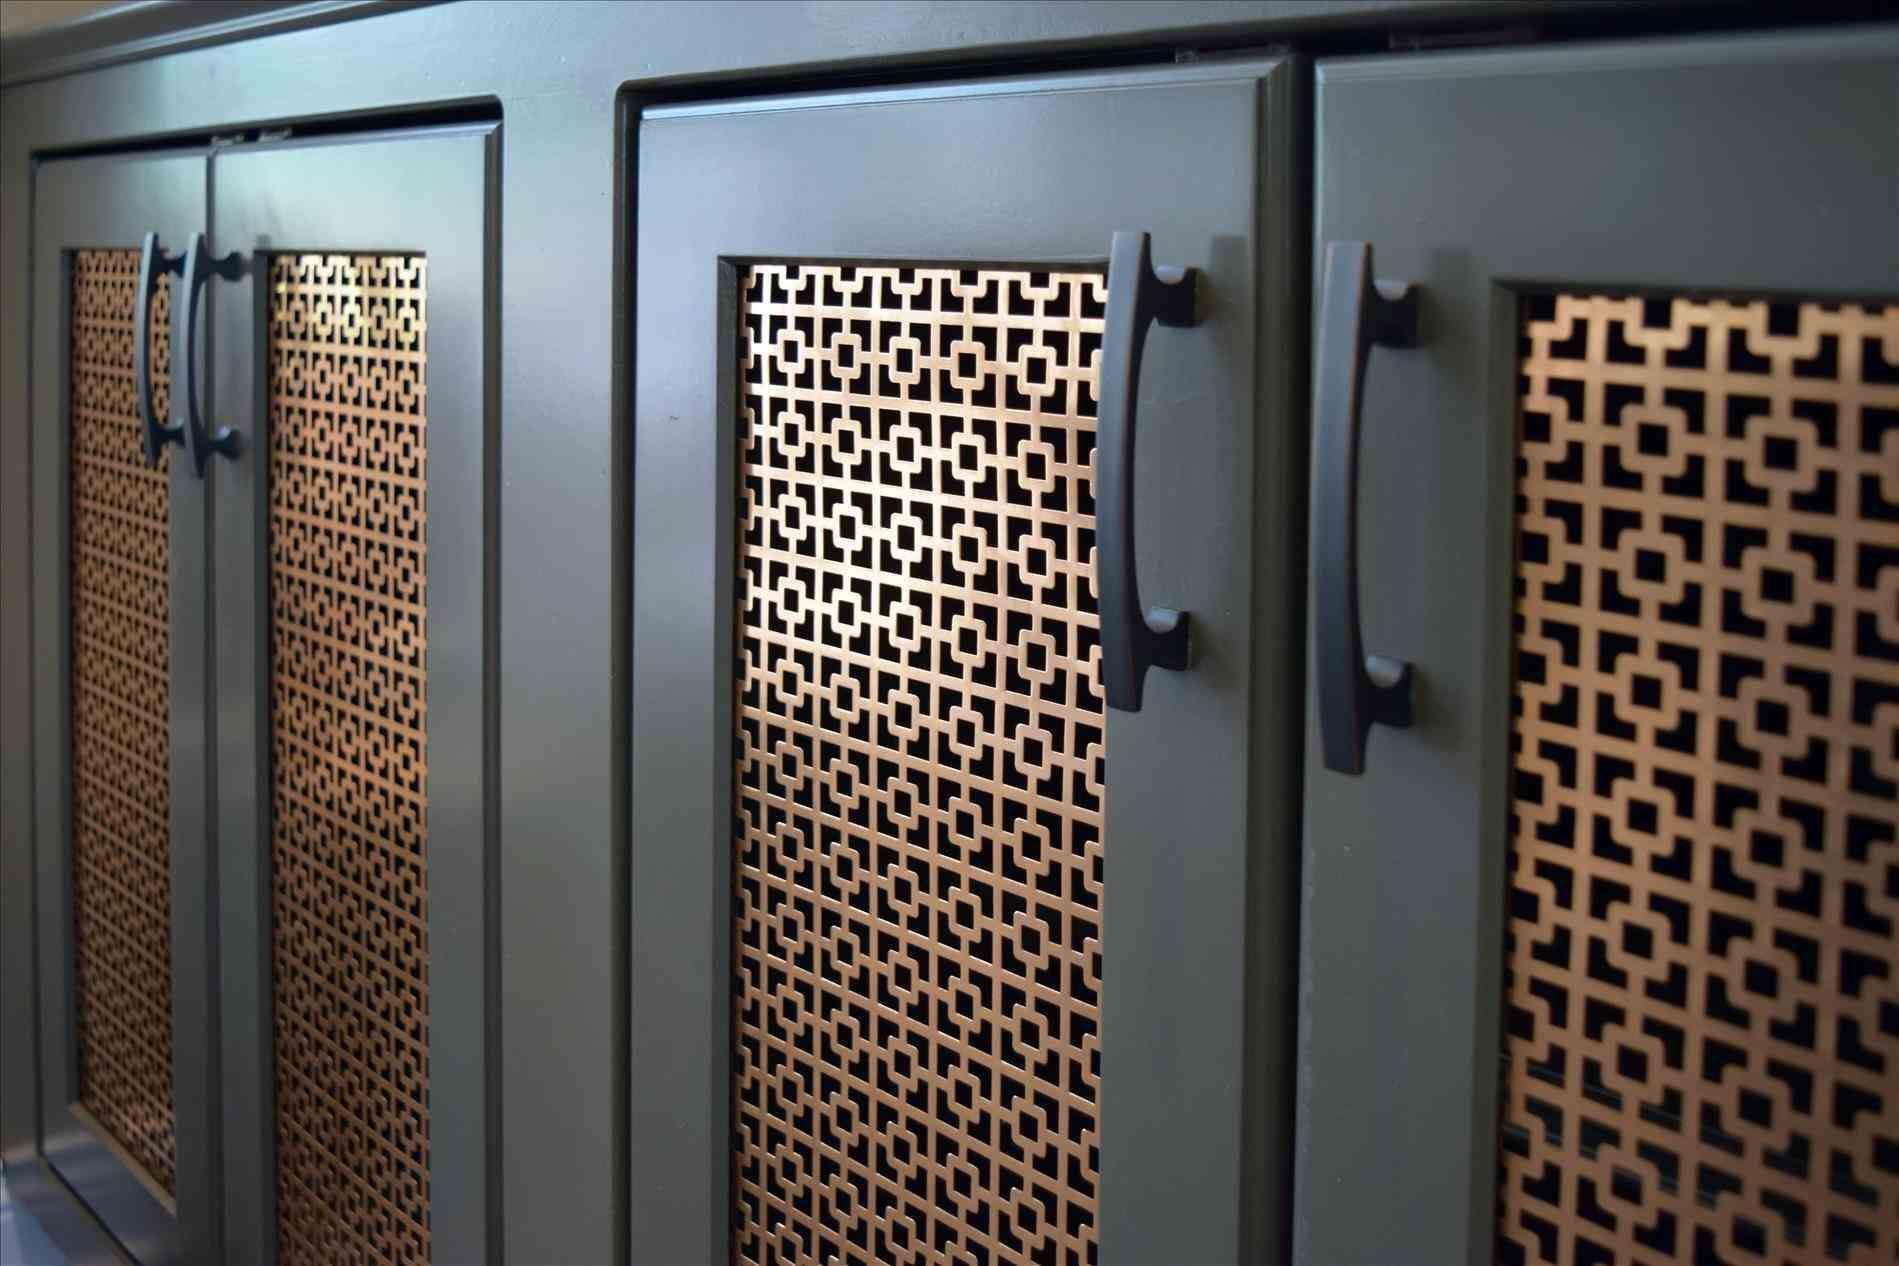 Doors Cabinet Door With Perforated Metal Screen For Jewlry Rack